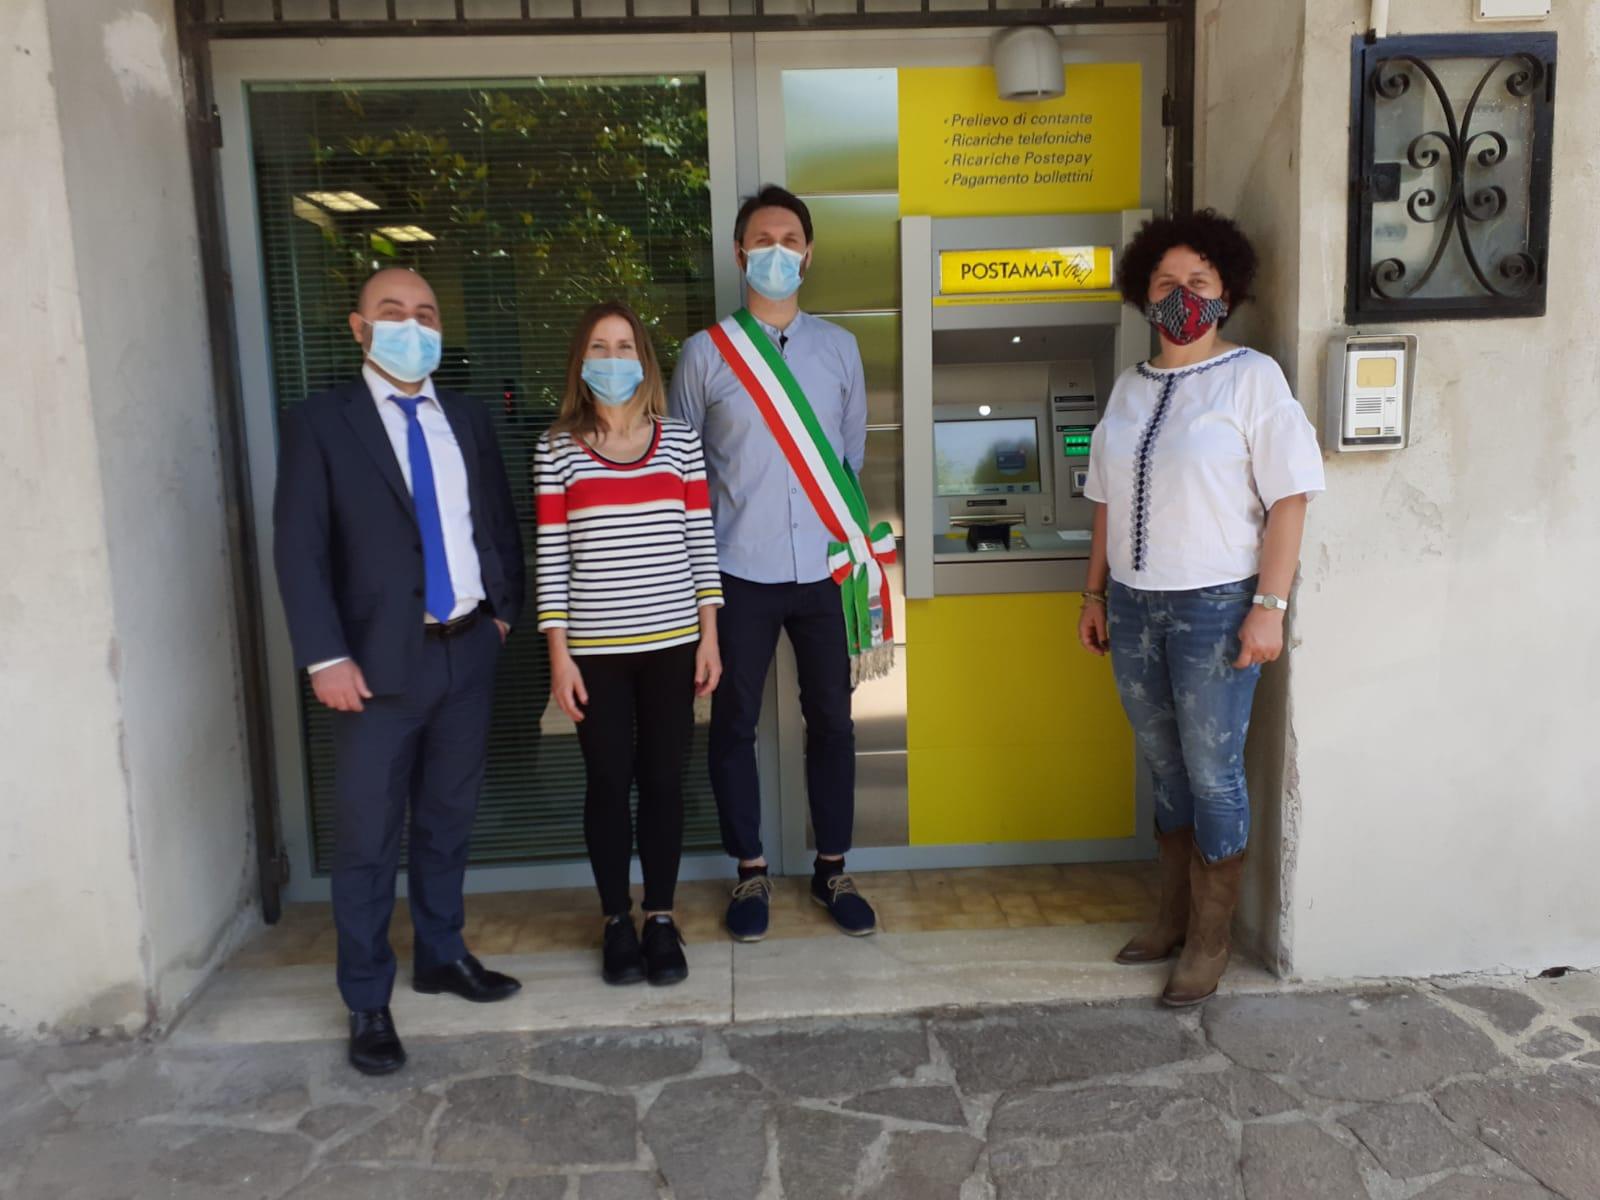 POSTE ITALIANE: INAUGURATO OGGI A TOFFIA L'ATM POSTAMAT PER IL PRELIEVO AUTOMATICO DI CONTANTI